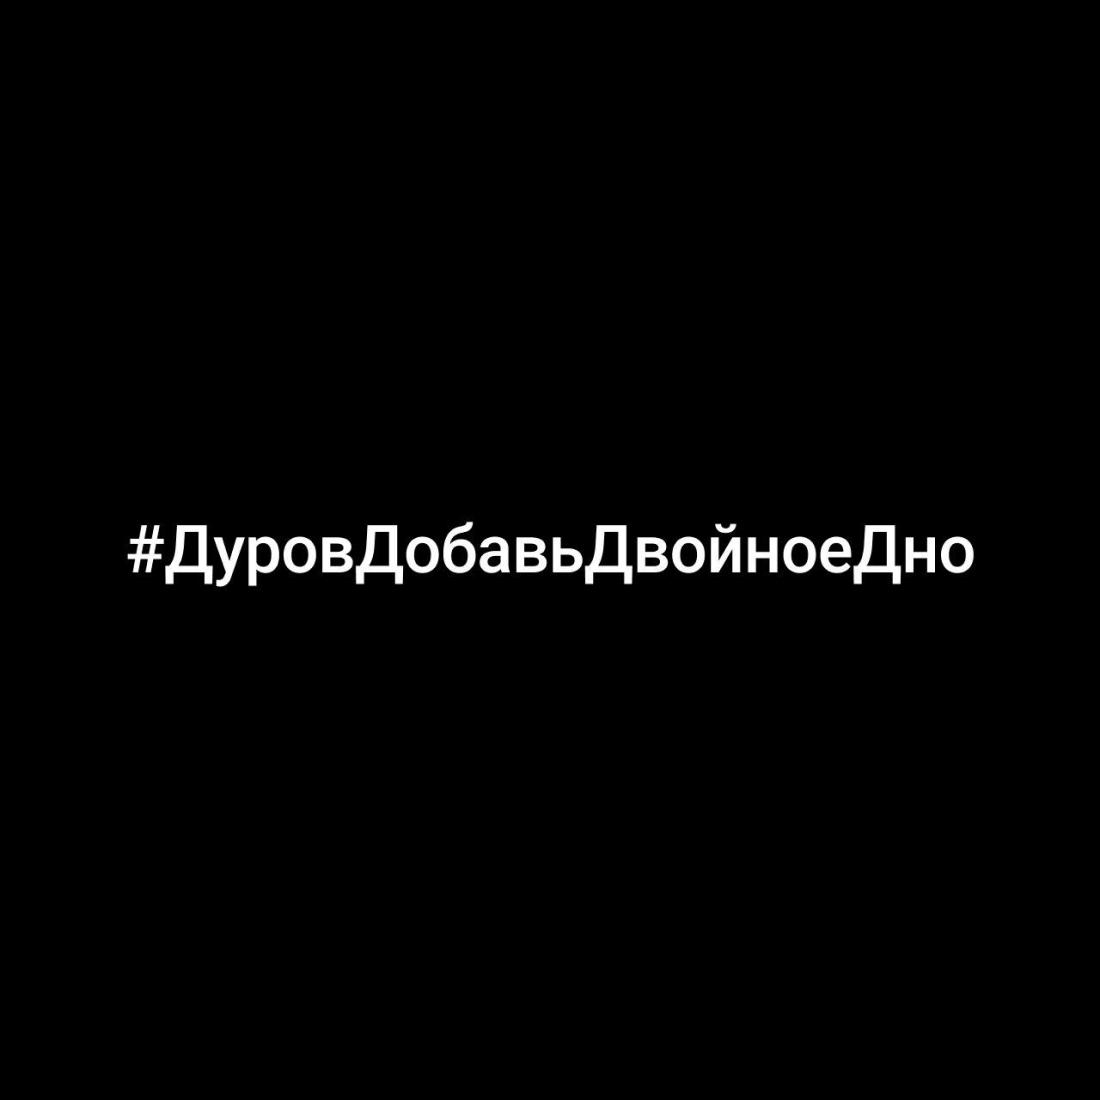 #ДуровДобавьДвойноеДно